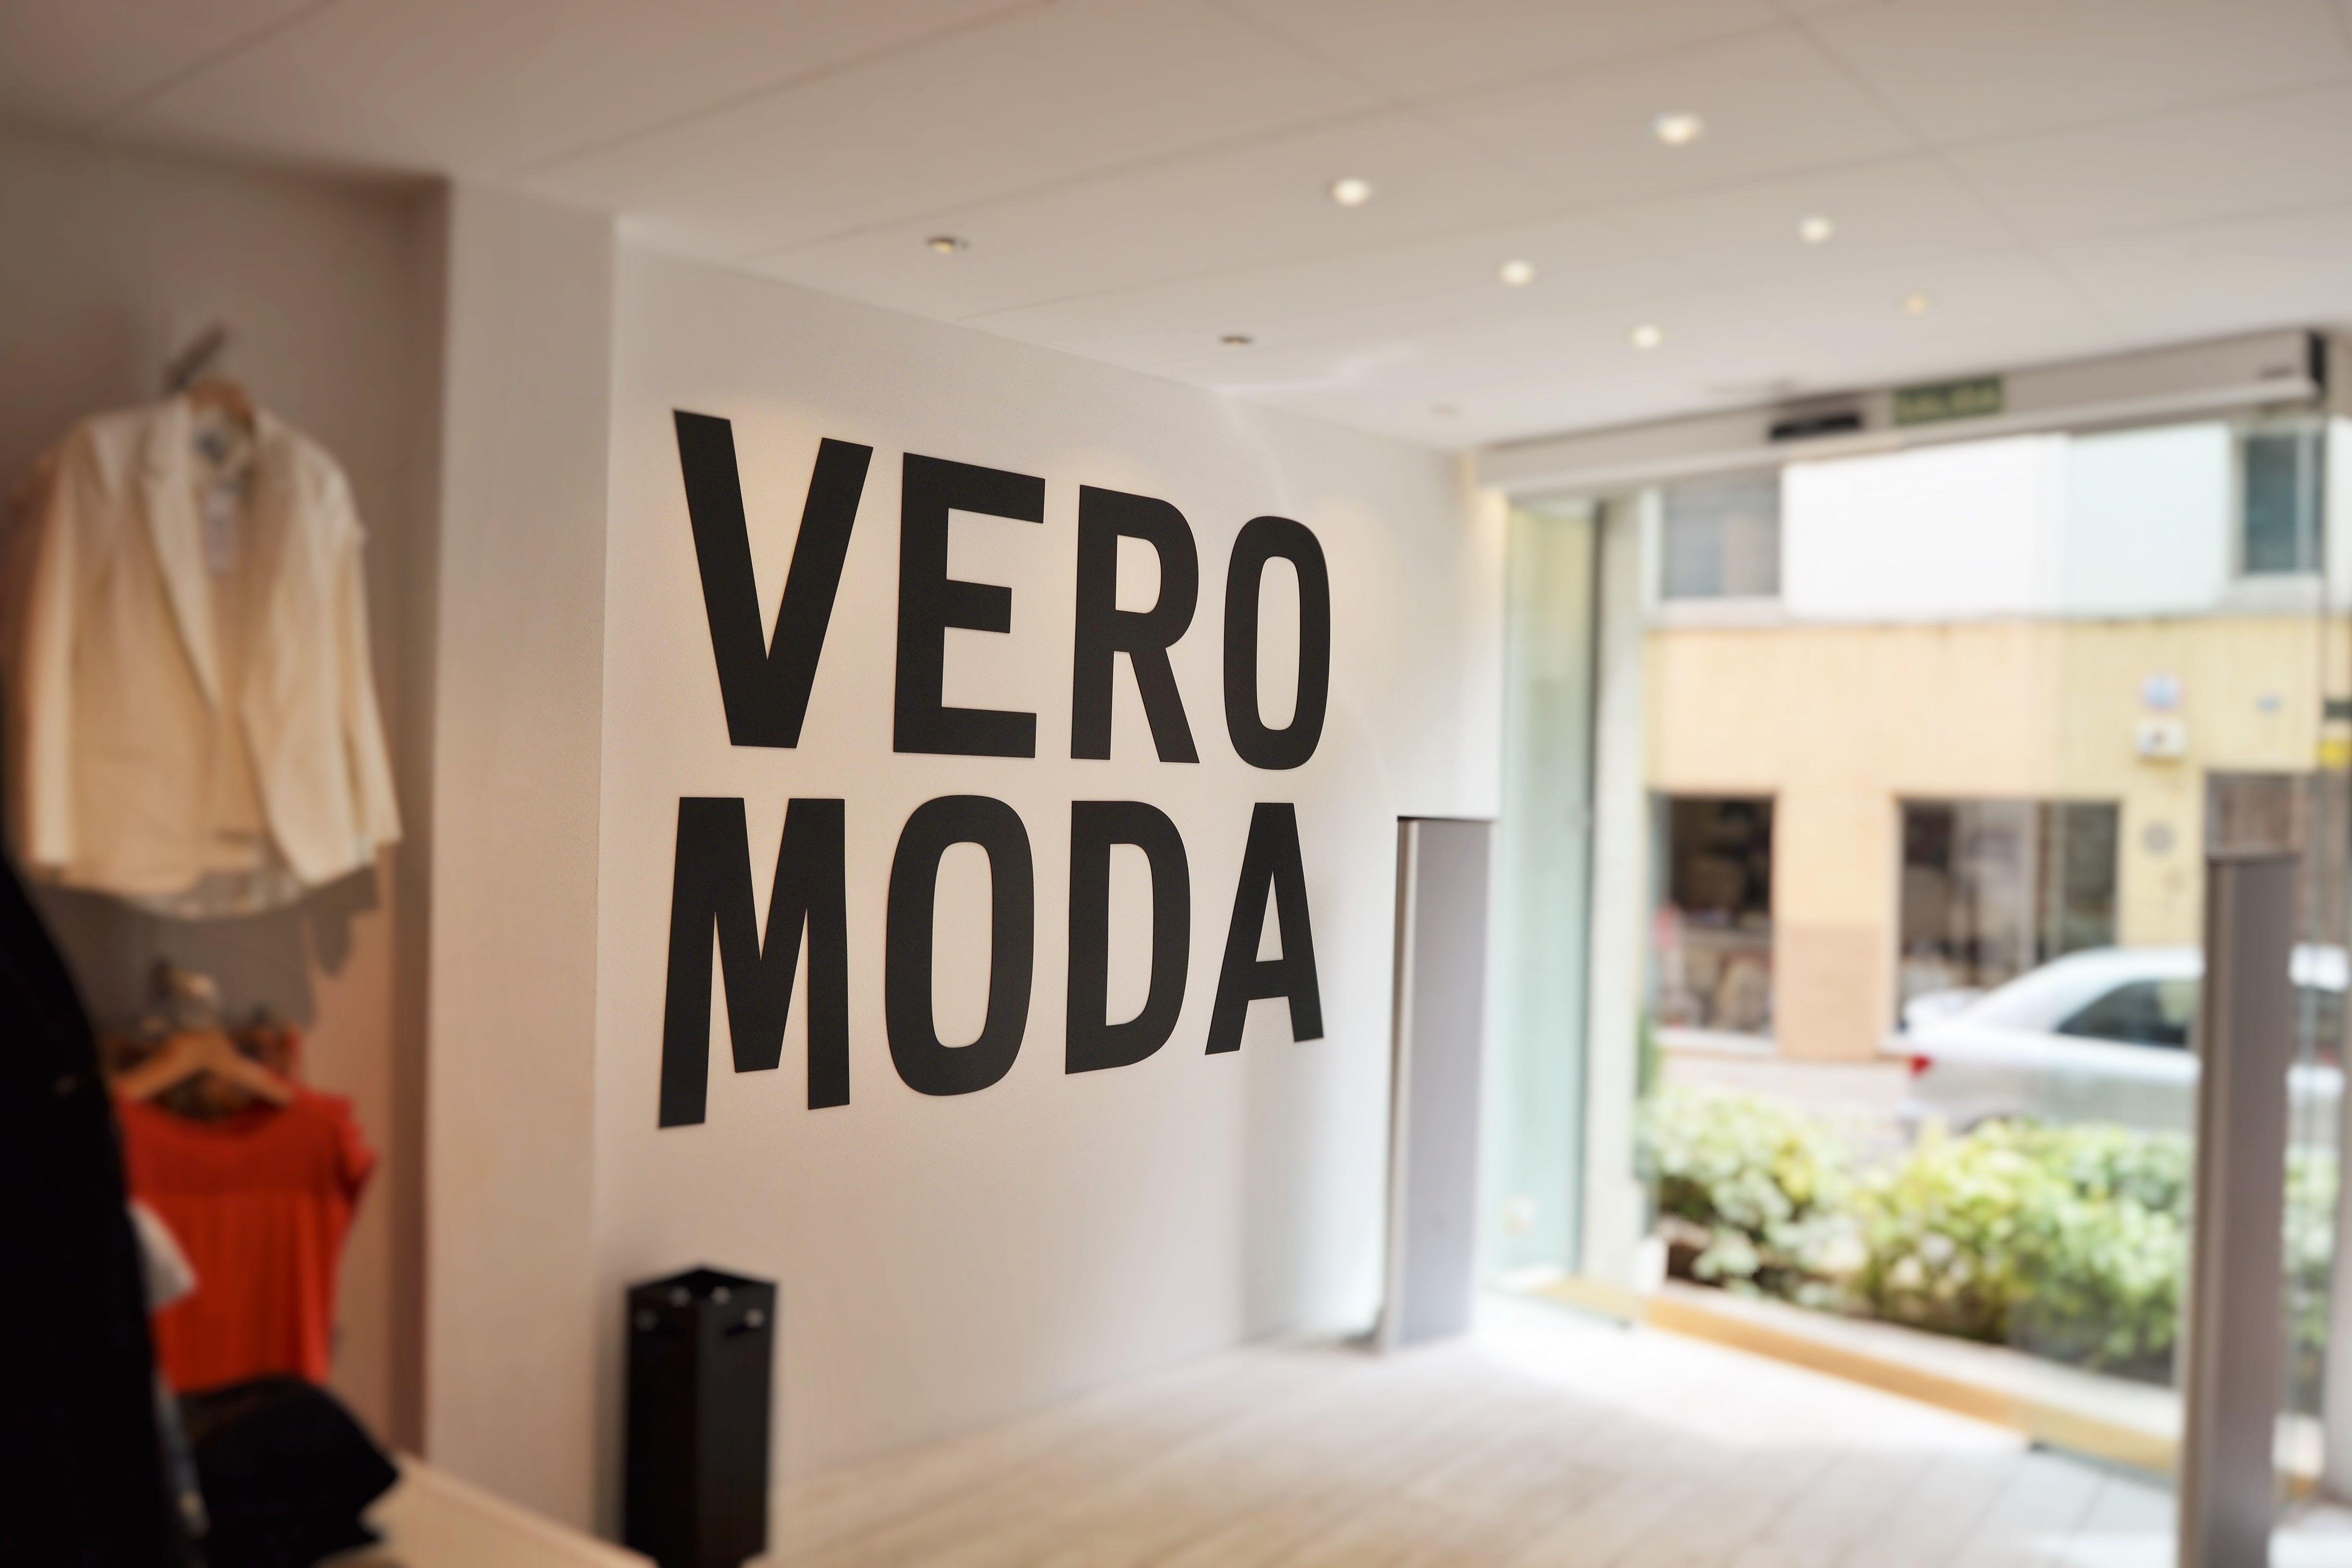 Moda | Kargo Vero Moda Inca C/ Hostals 37, Inca ( Mallorca)  #slowshopinca